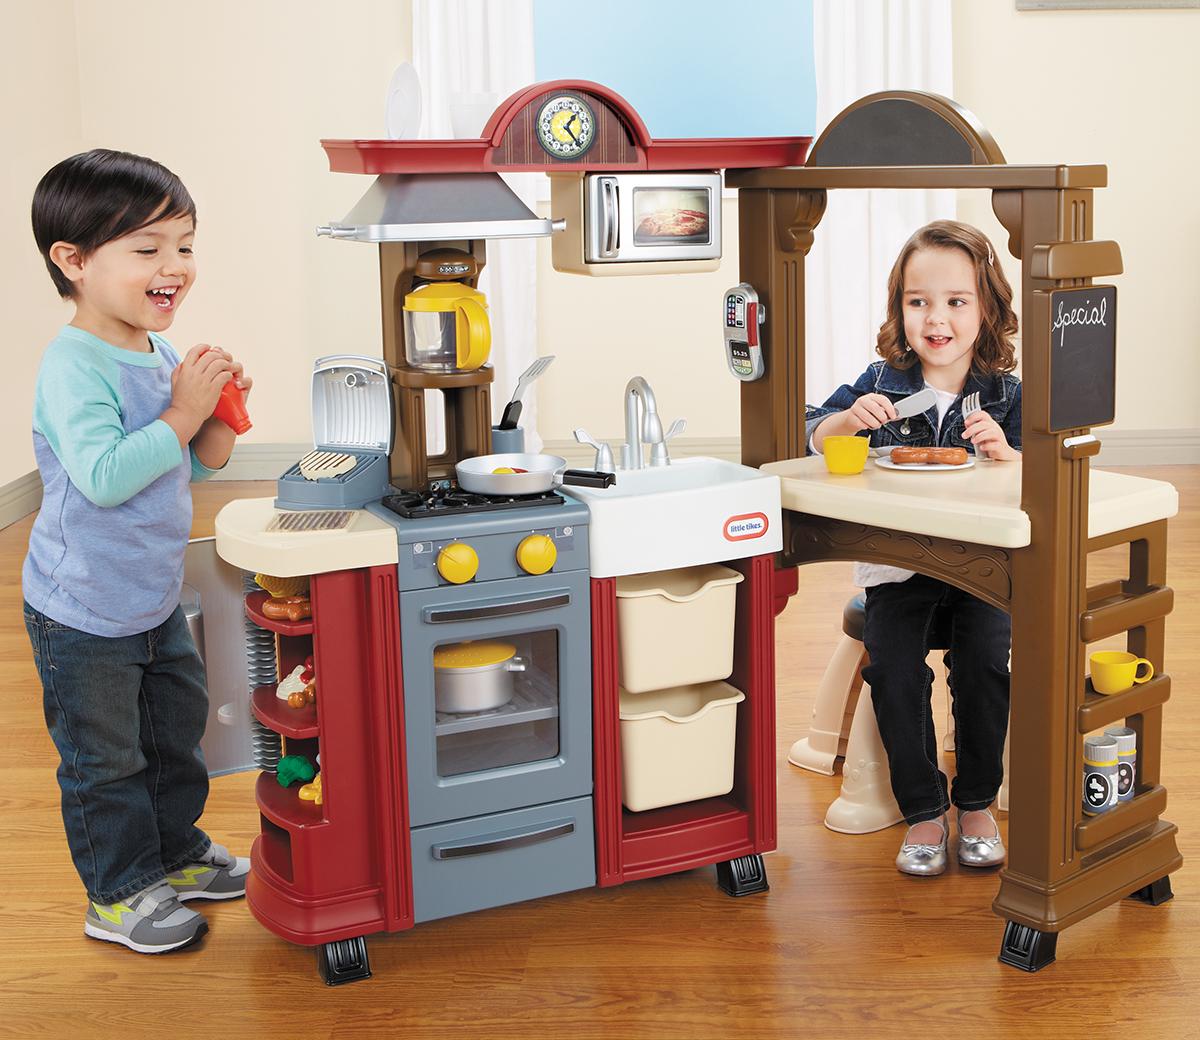 Kitchen Little: Tikes Kitchen & Restaurant (Red